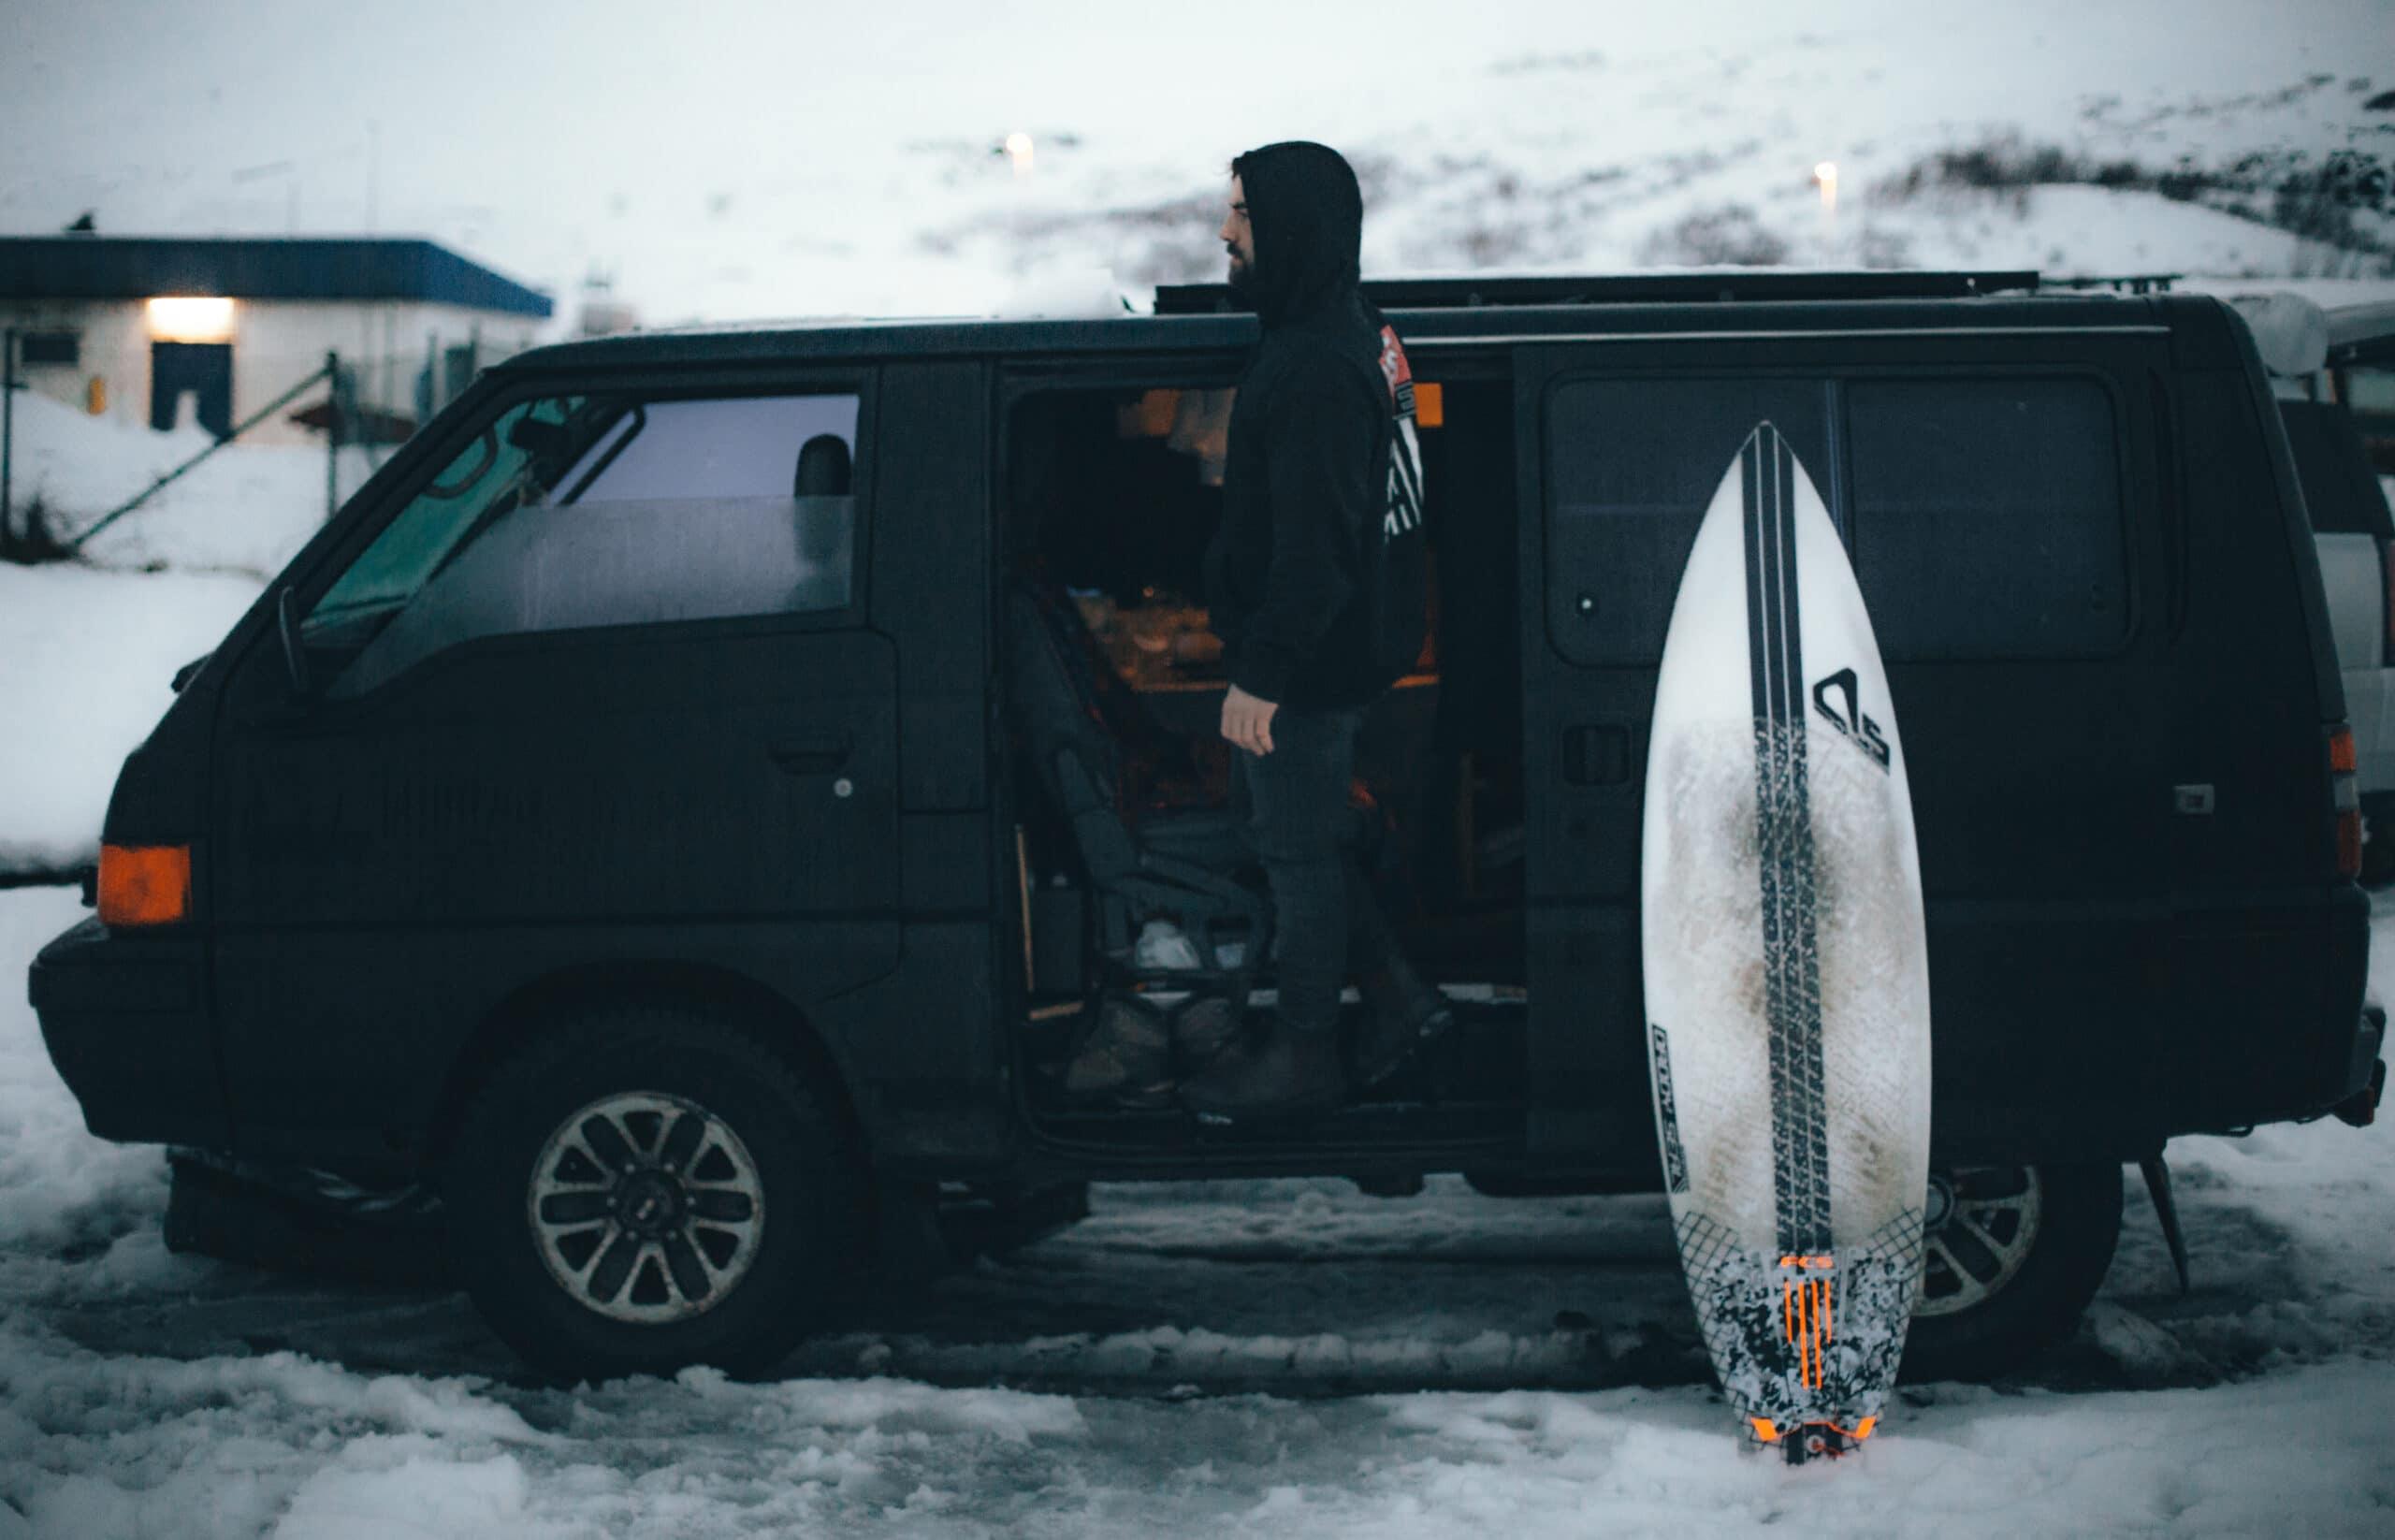 Meilleur souvenir de surf Islande